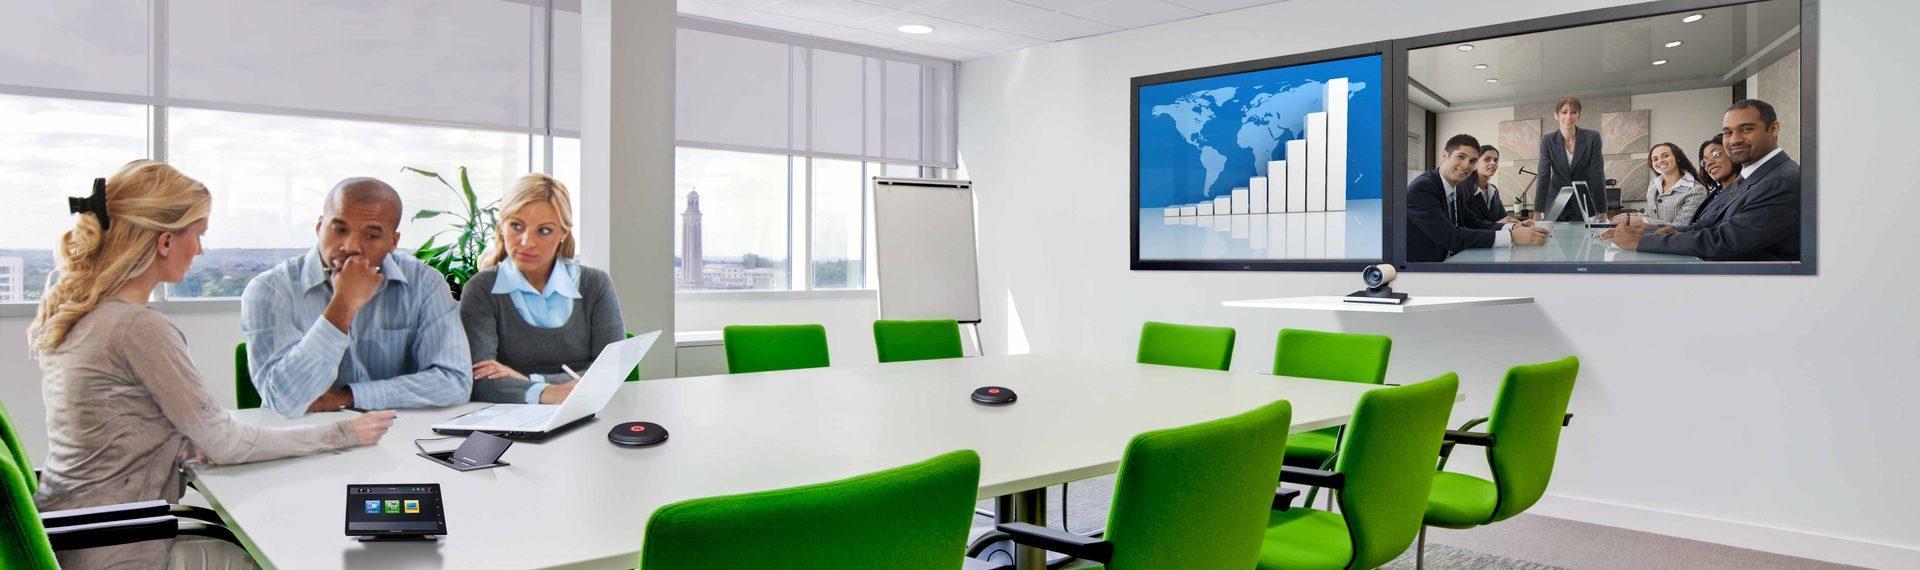 ITSL-Meeting-space